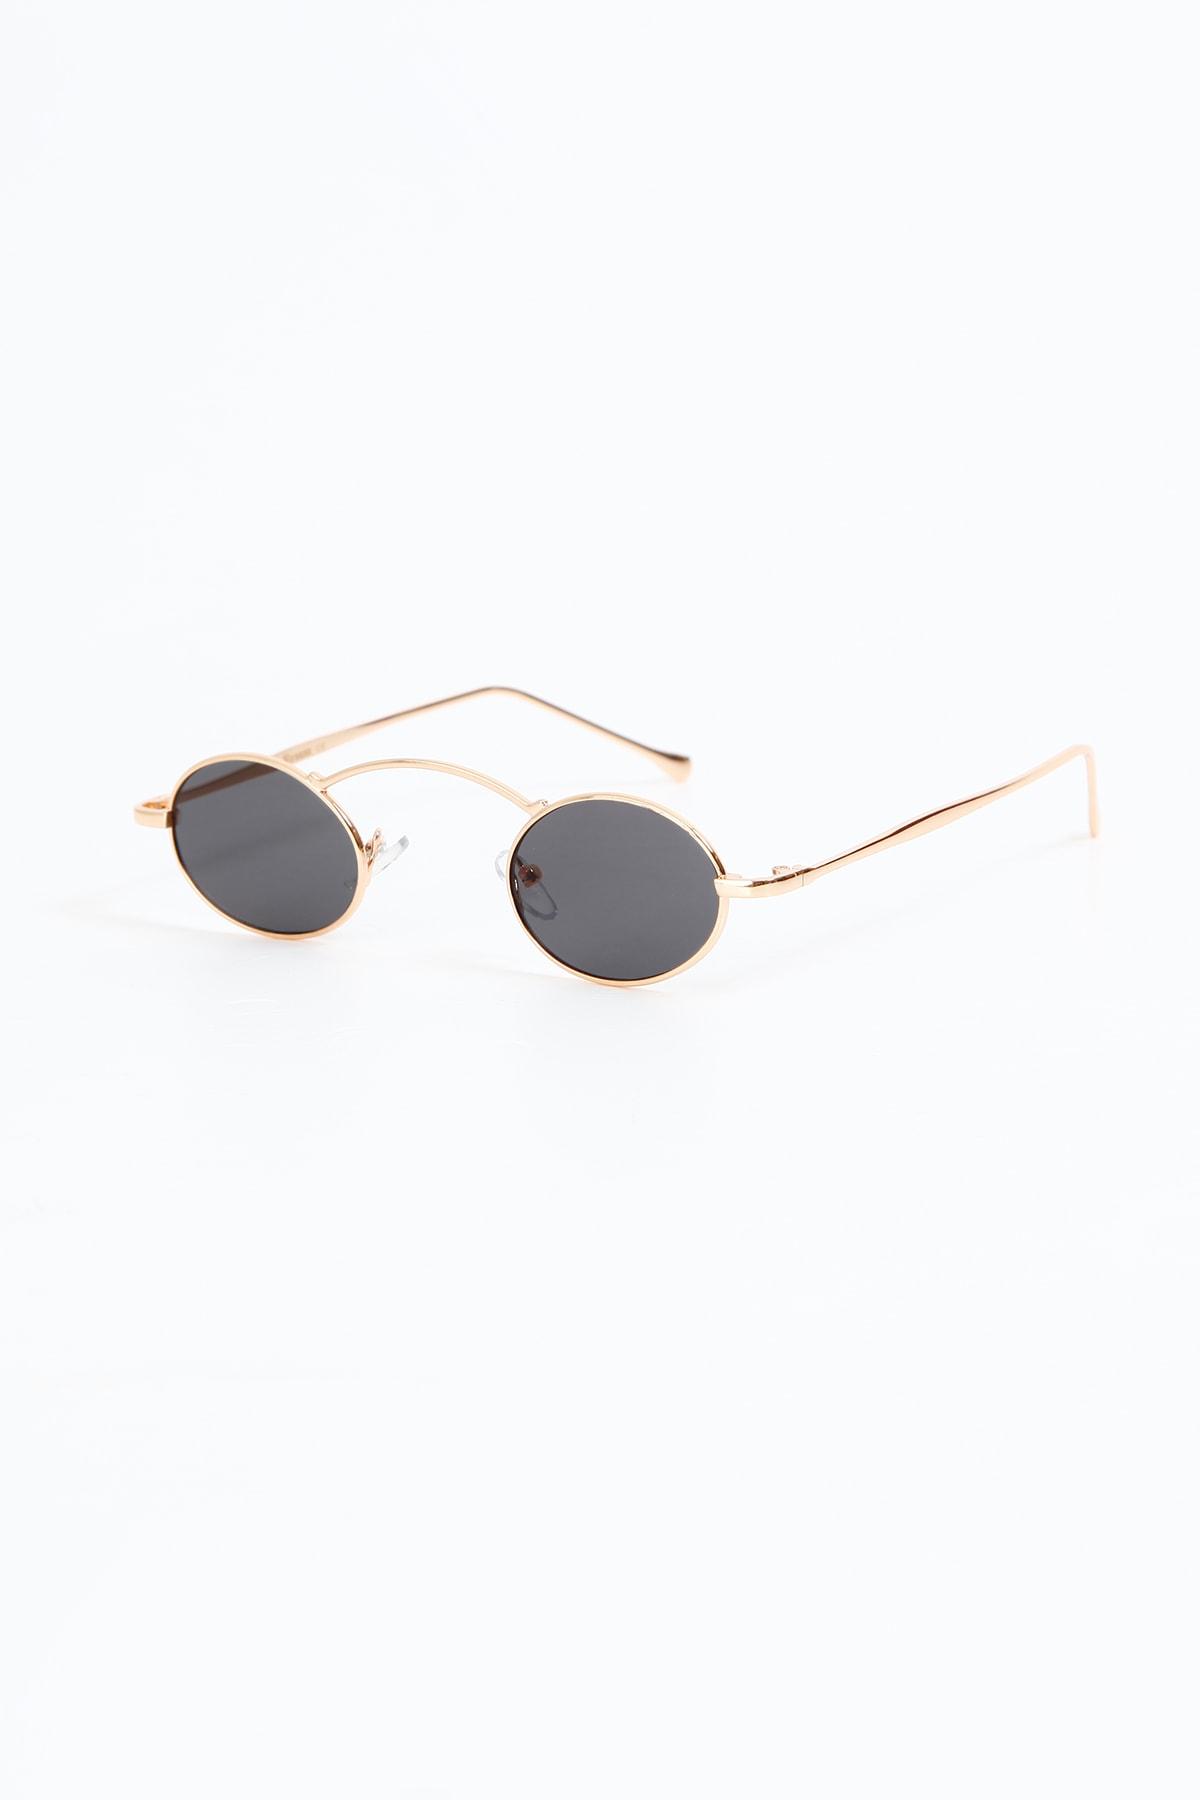 خرید انلاین عینک آفتابی طرح دار برند Kapin رنگ مشکی کد ty118932468